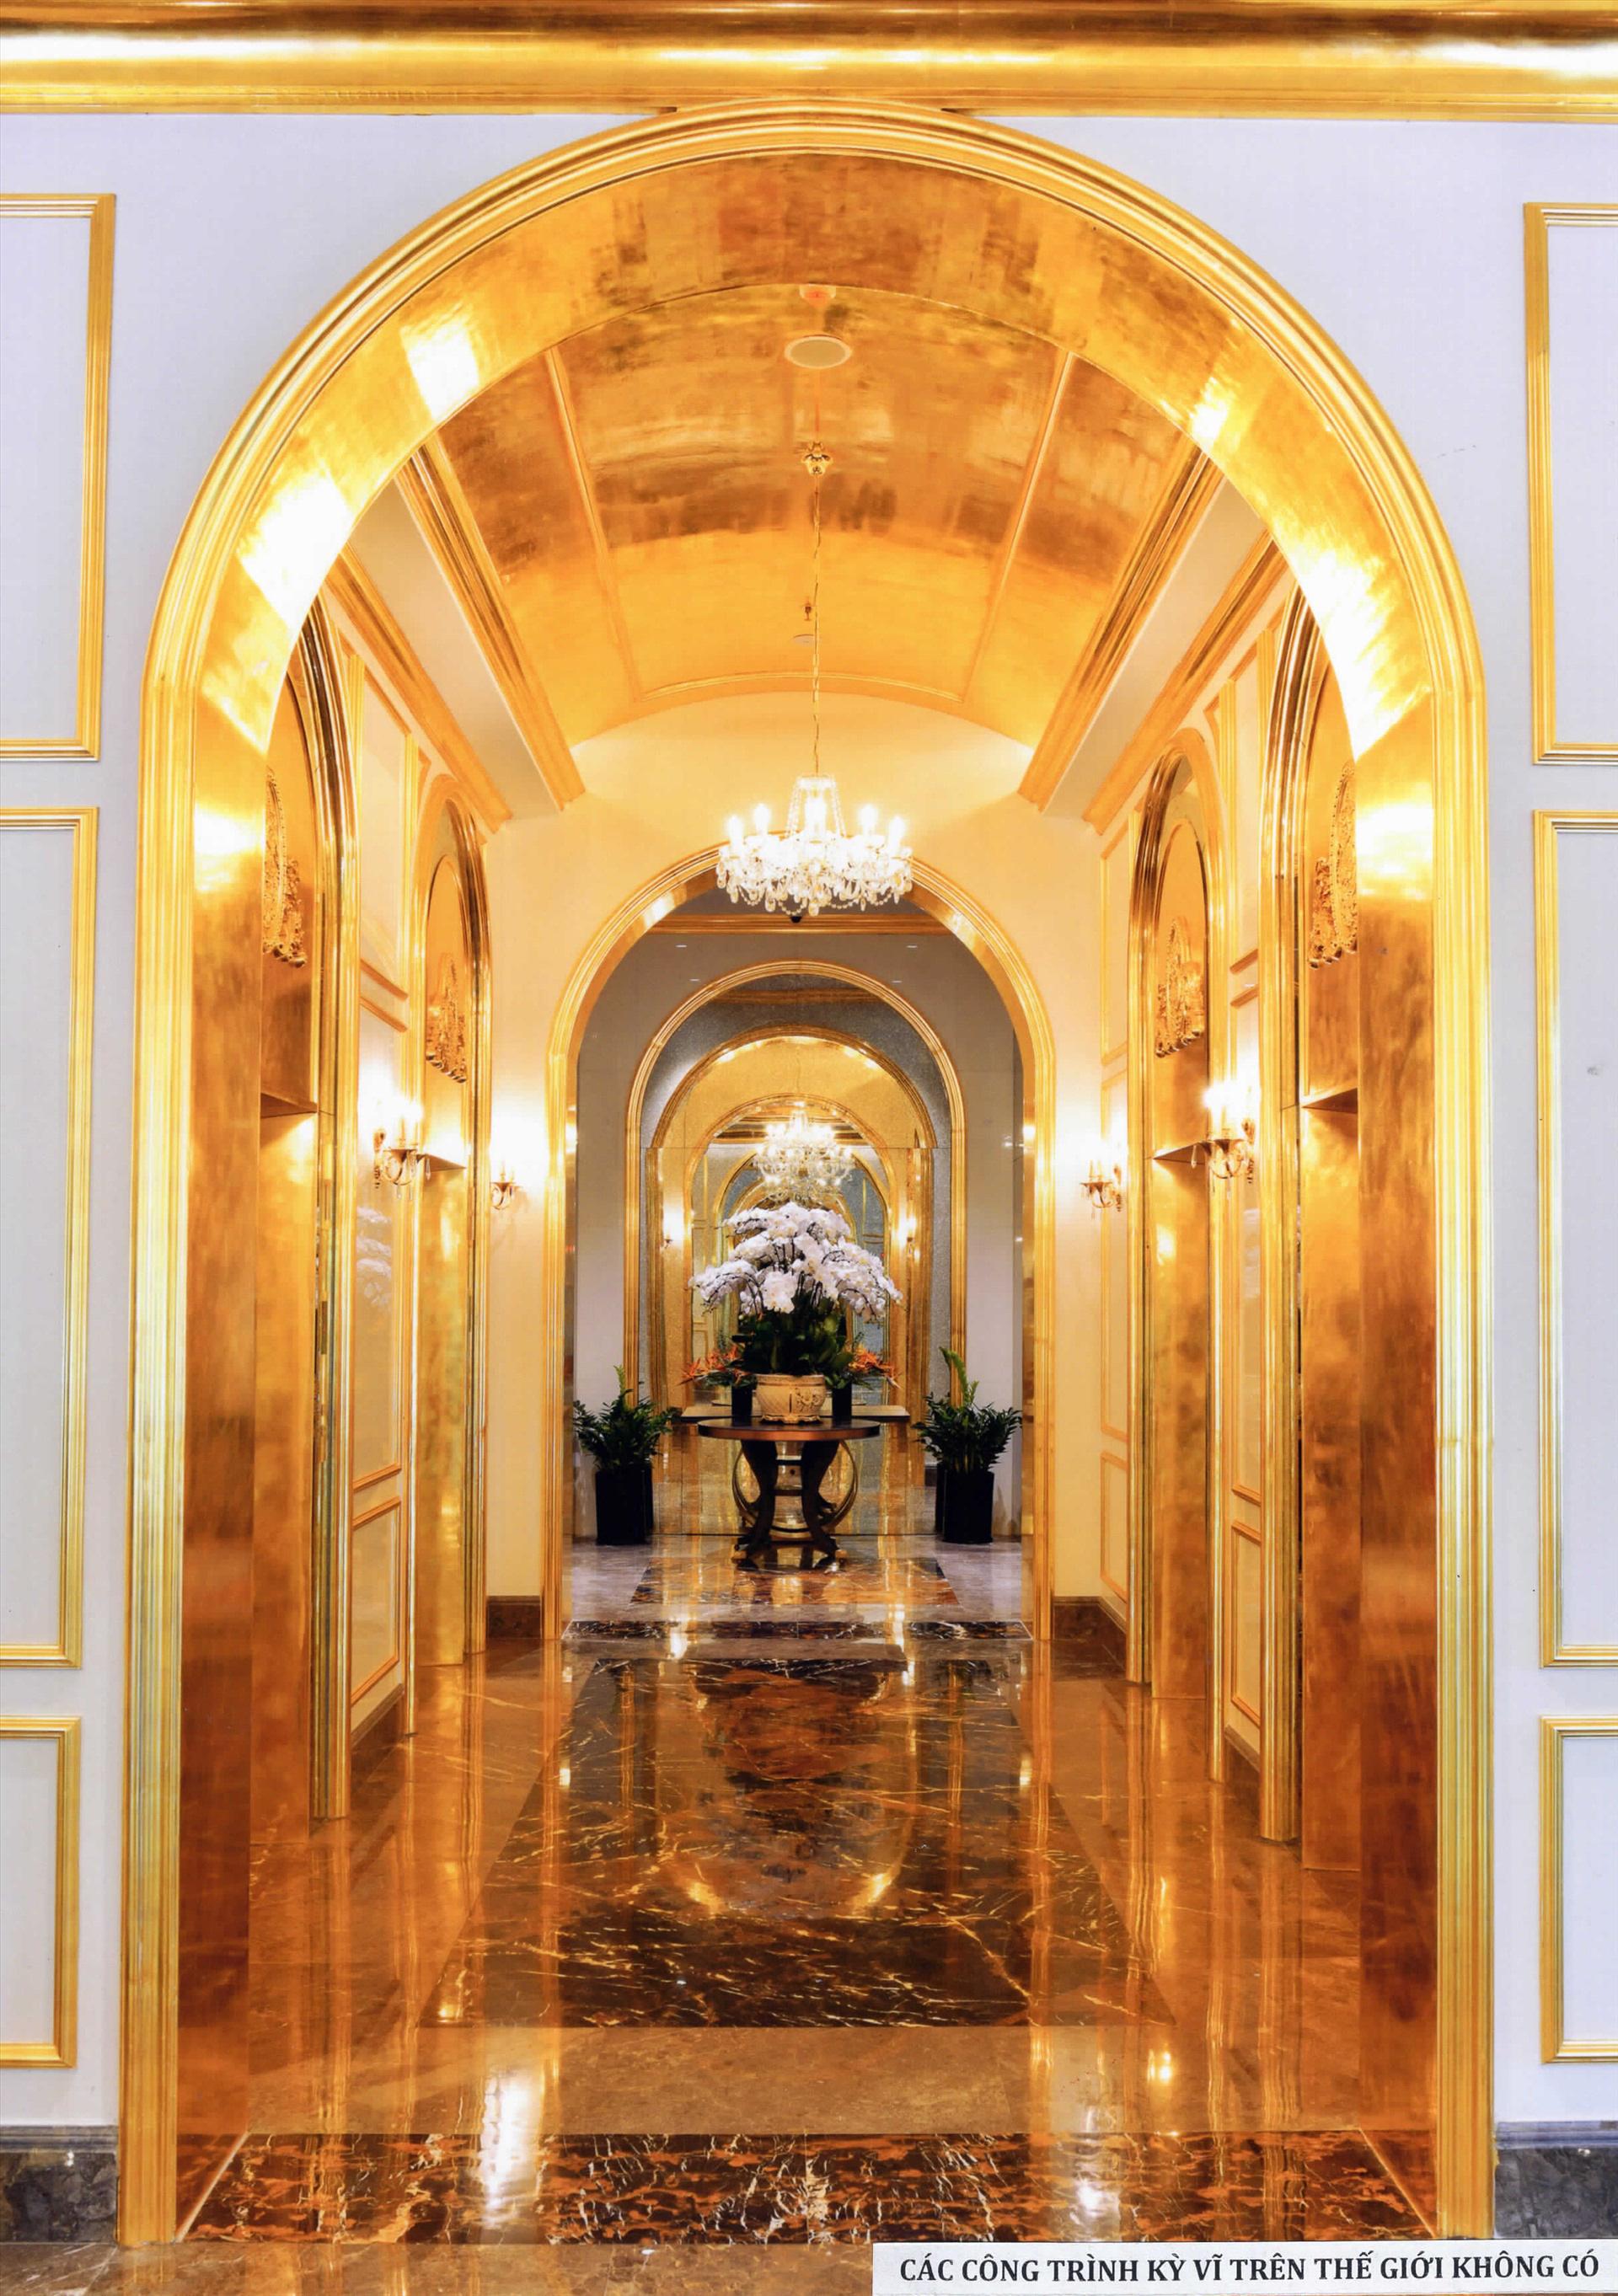 Khách sạn dát vàng 9999 đầu tiên trên thế giới ở Hà Nội xác lập kỷ lục - Ảnh 4.